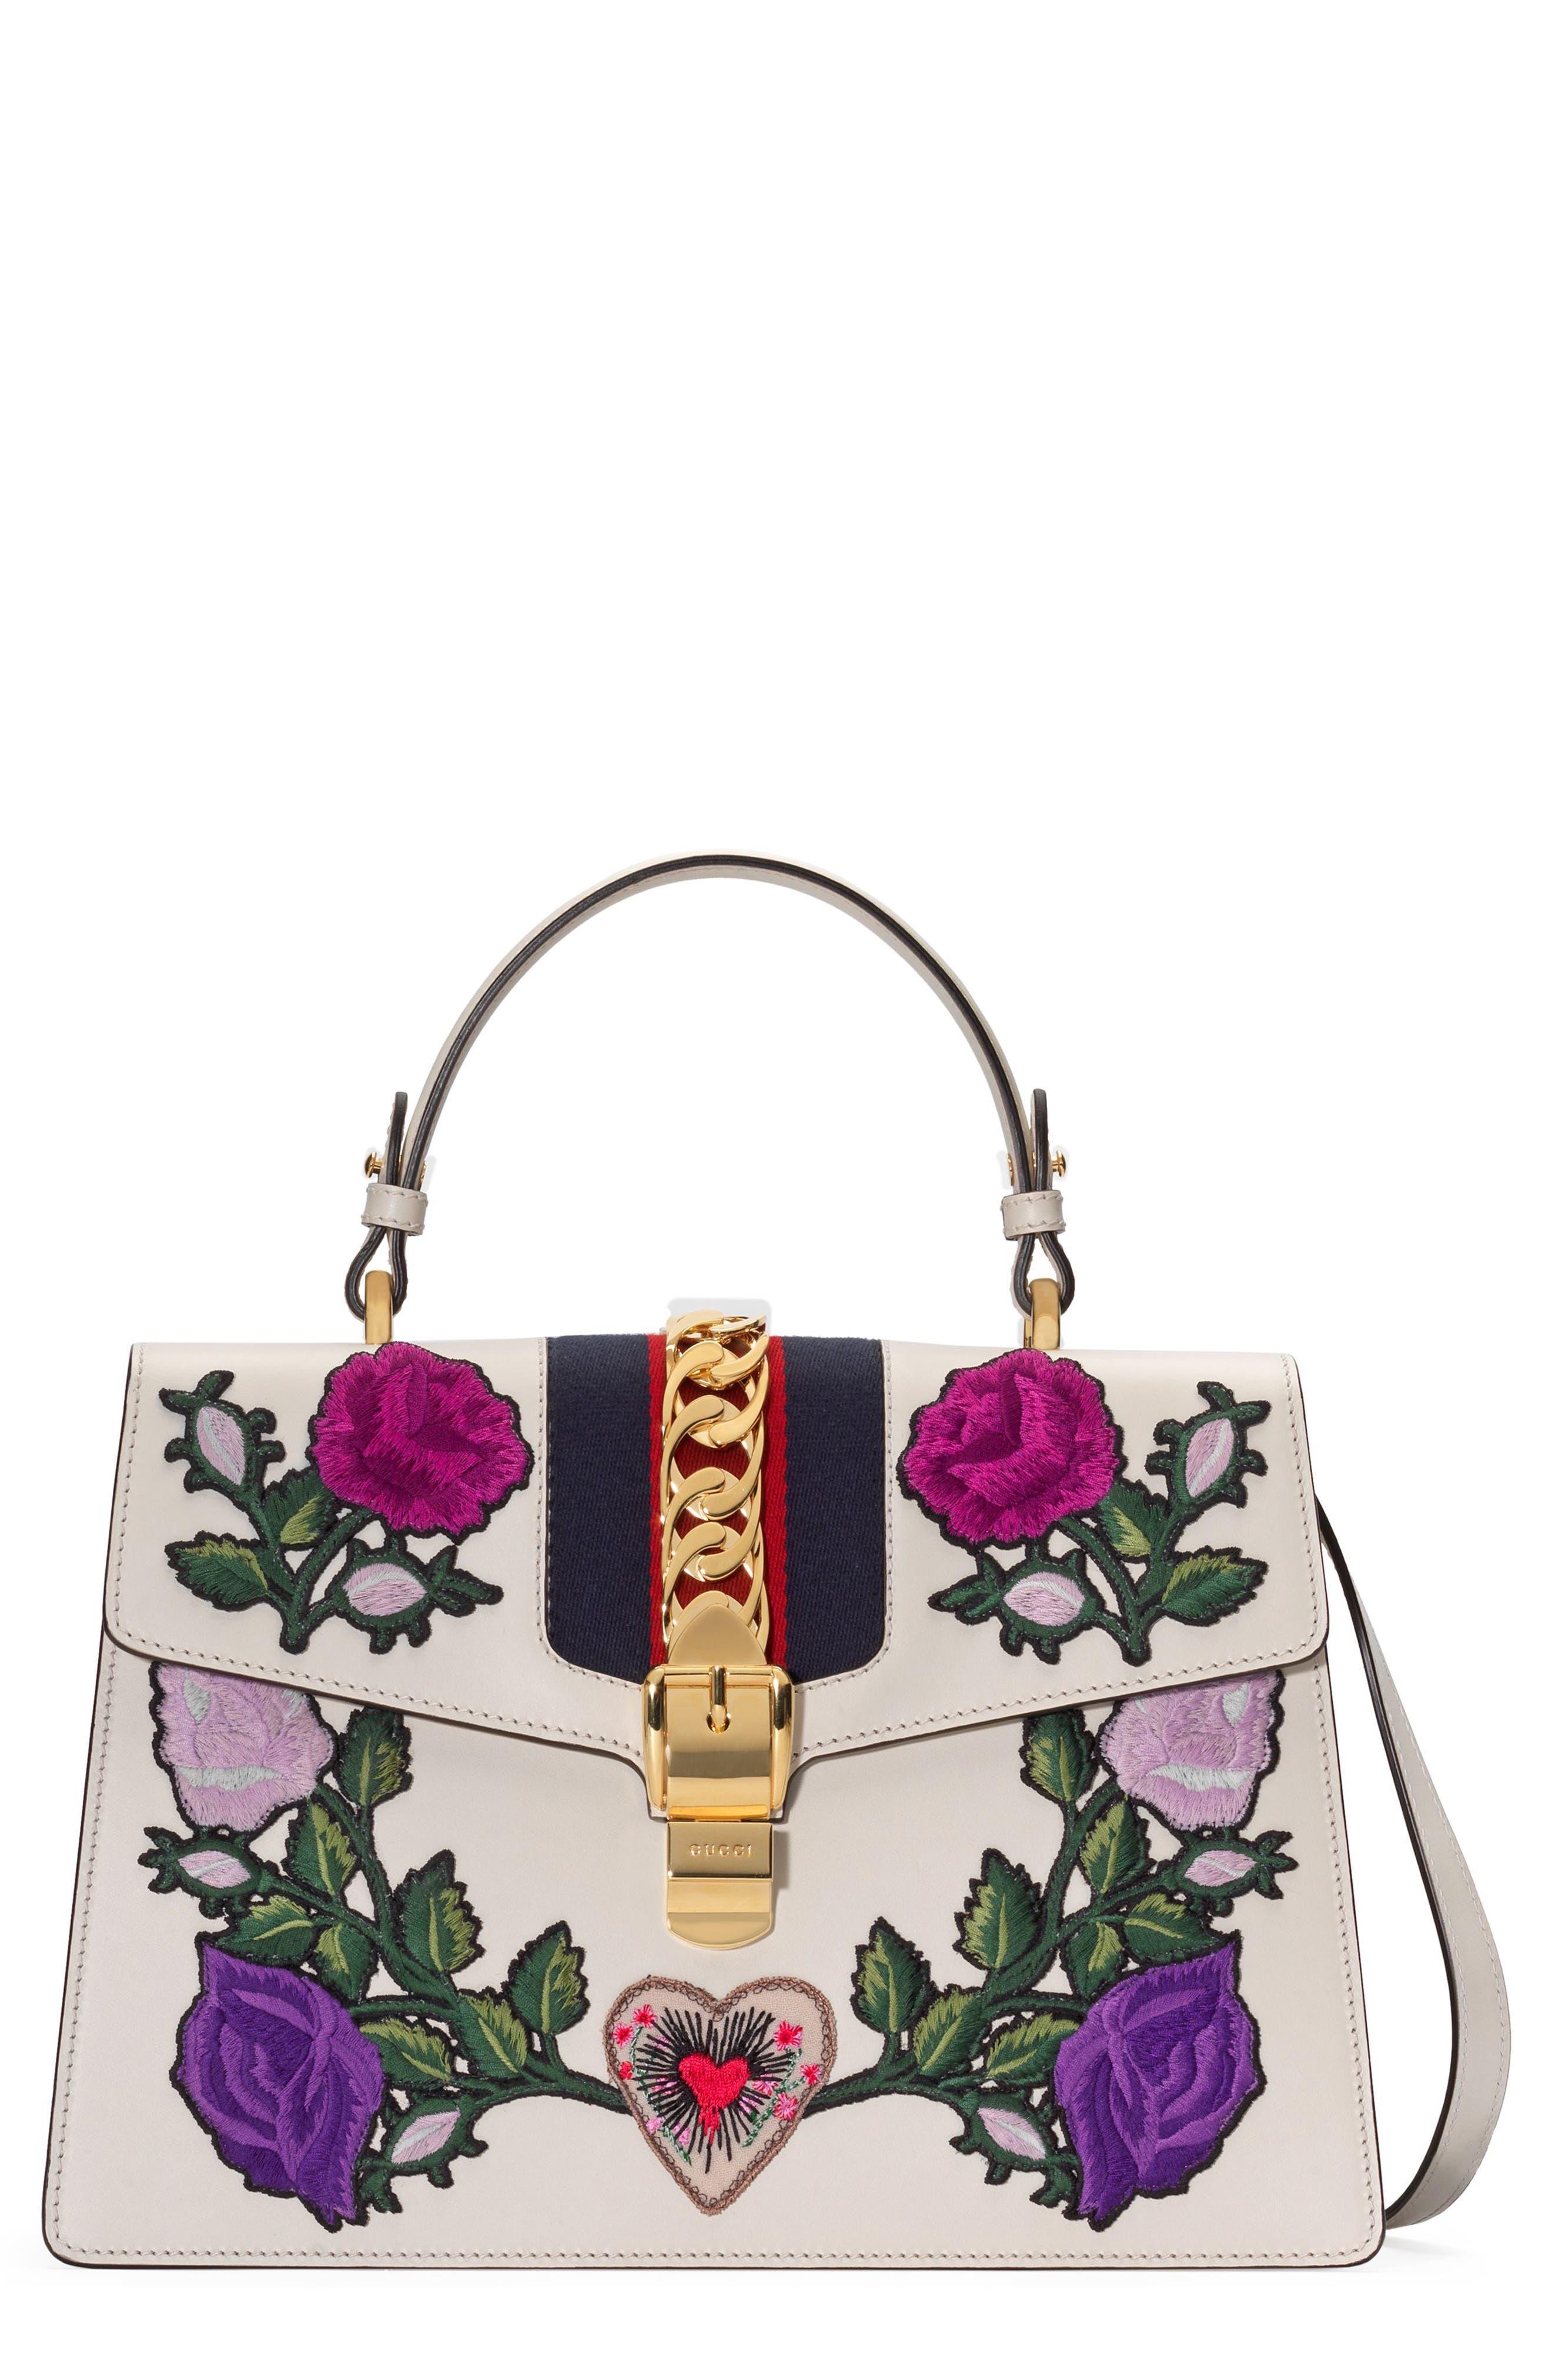 Medium Sylvie Floral Patch Top Handle Leather Shoulder Bag,                         Main,                         color, 176